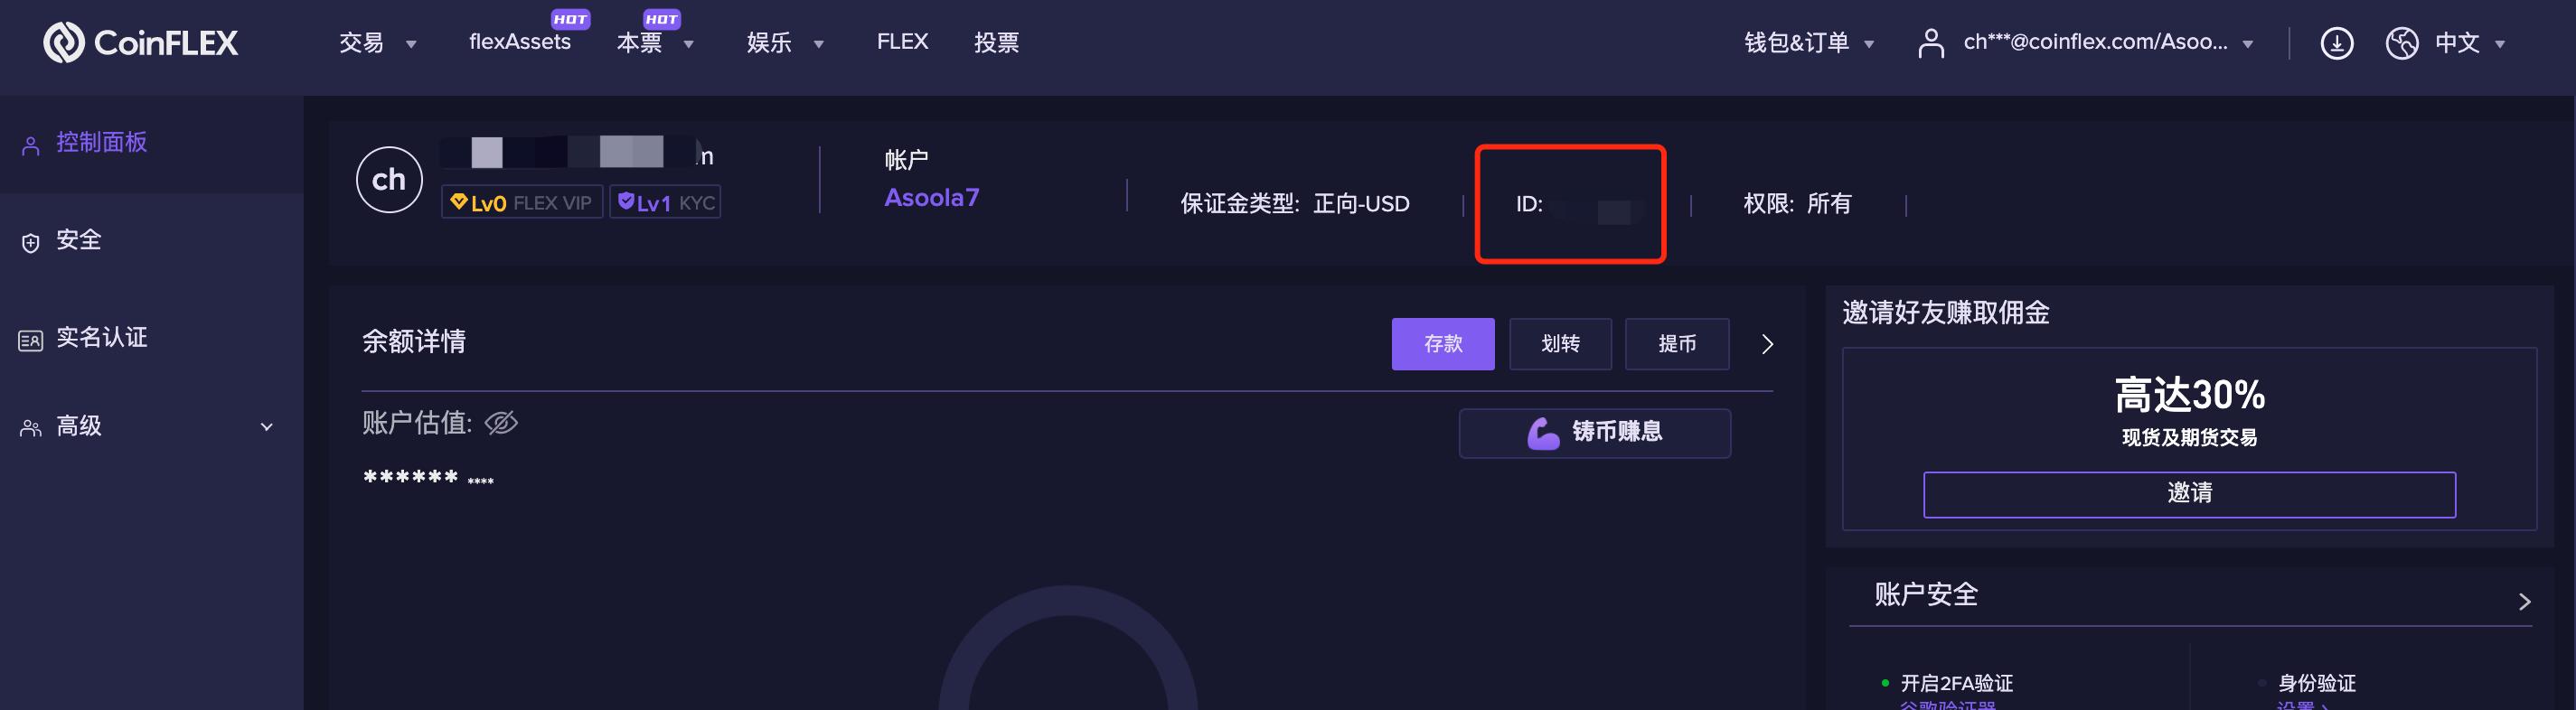 ID3 1.2.10 Checking sub account ID